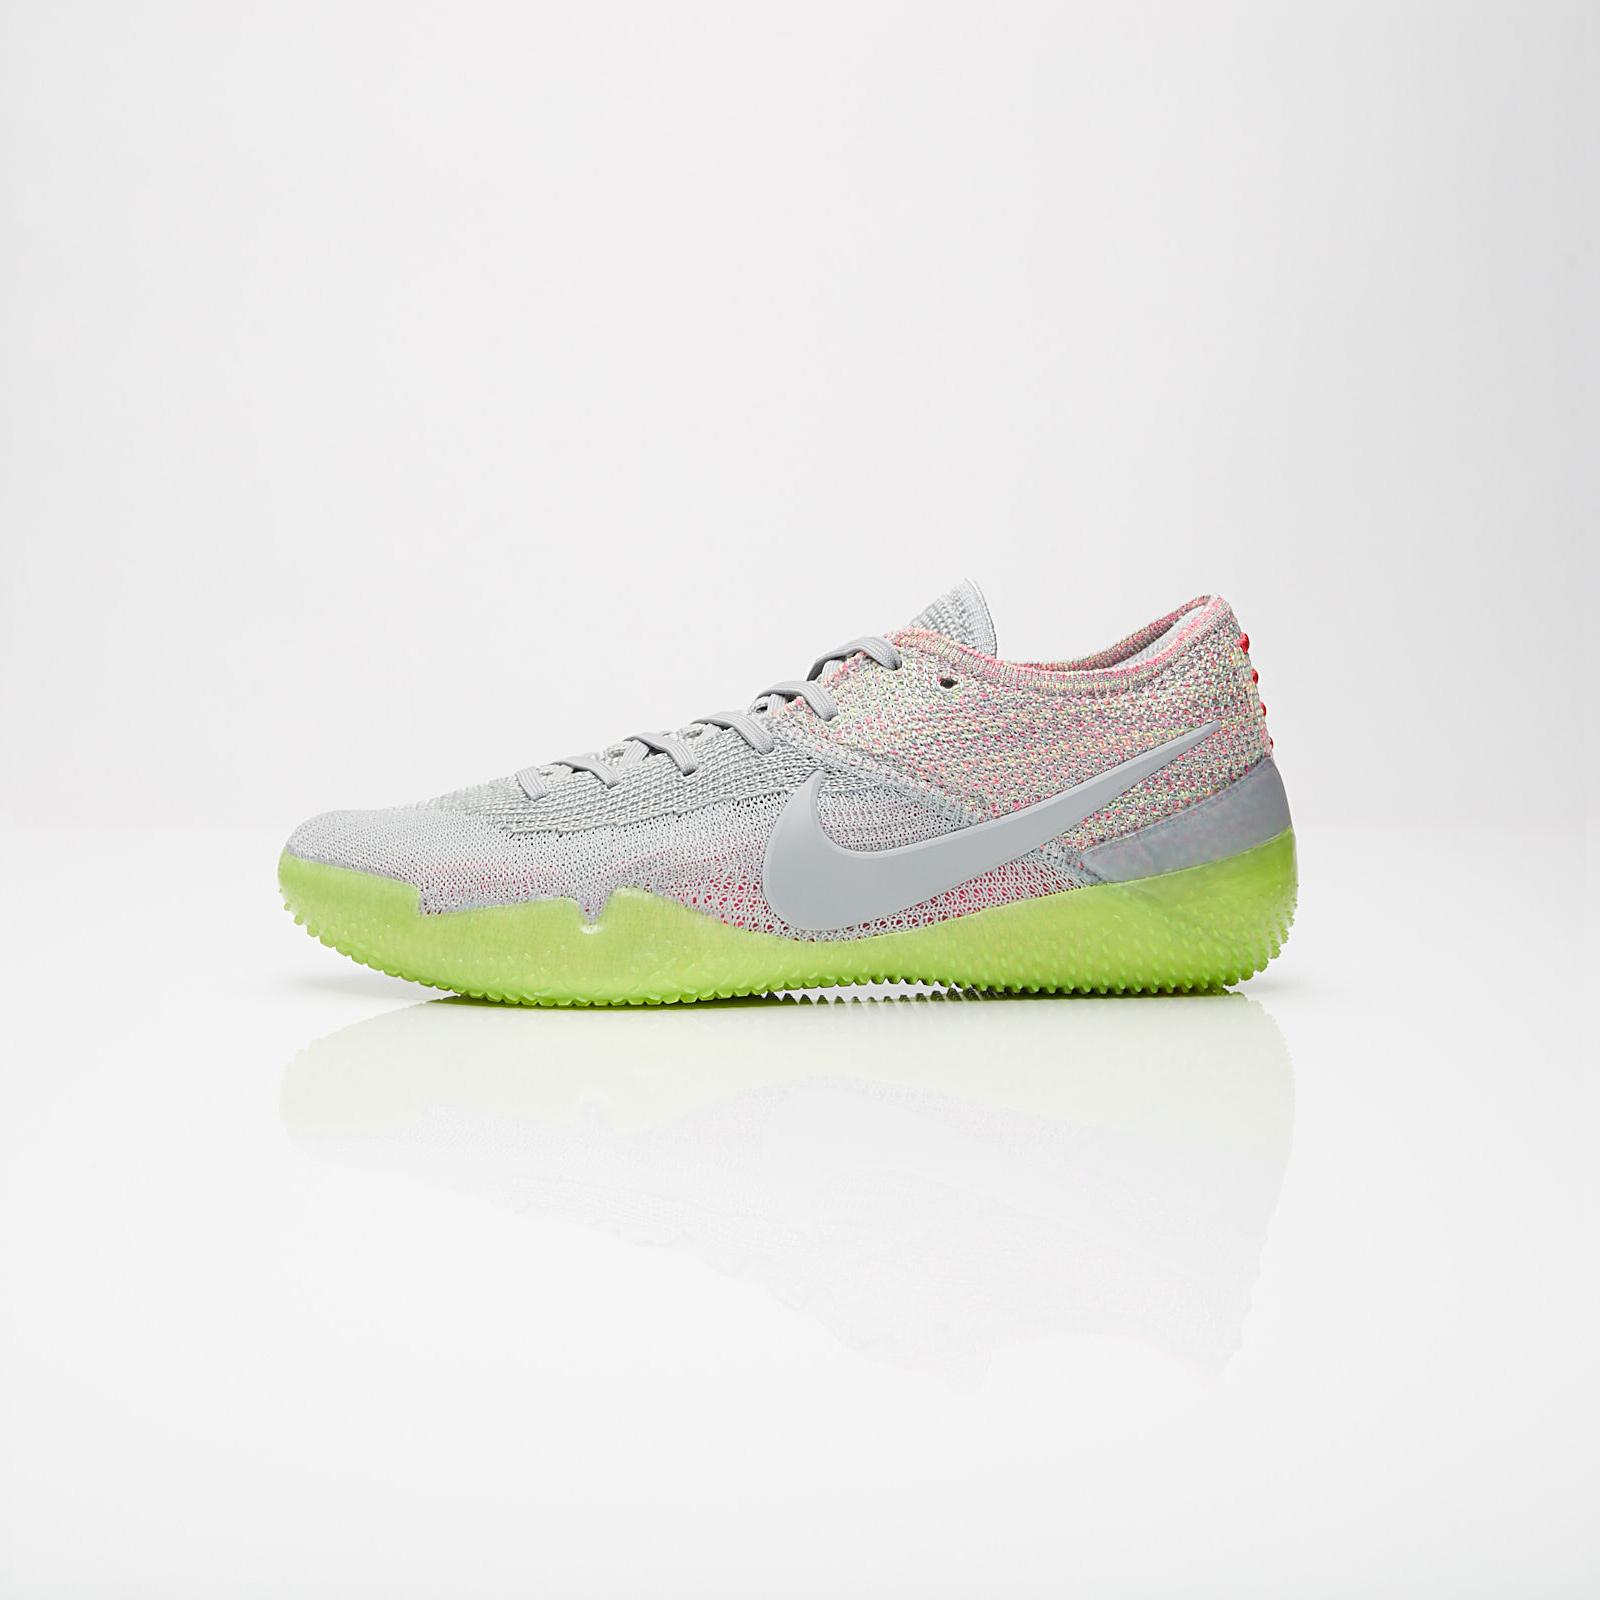 brand new d00d3 24007 Nike Kobe AD Nxt 360 - Aq1087-003 - Sneakersnstuff   sneakers   streetwear  online since 1999